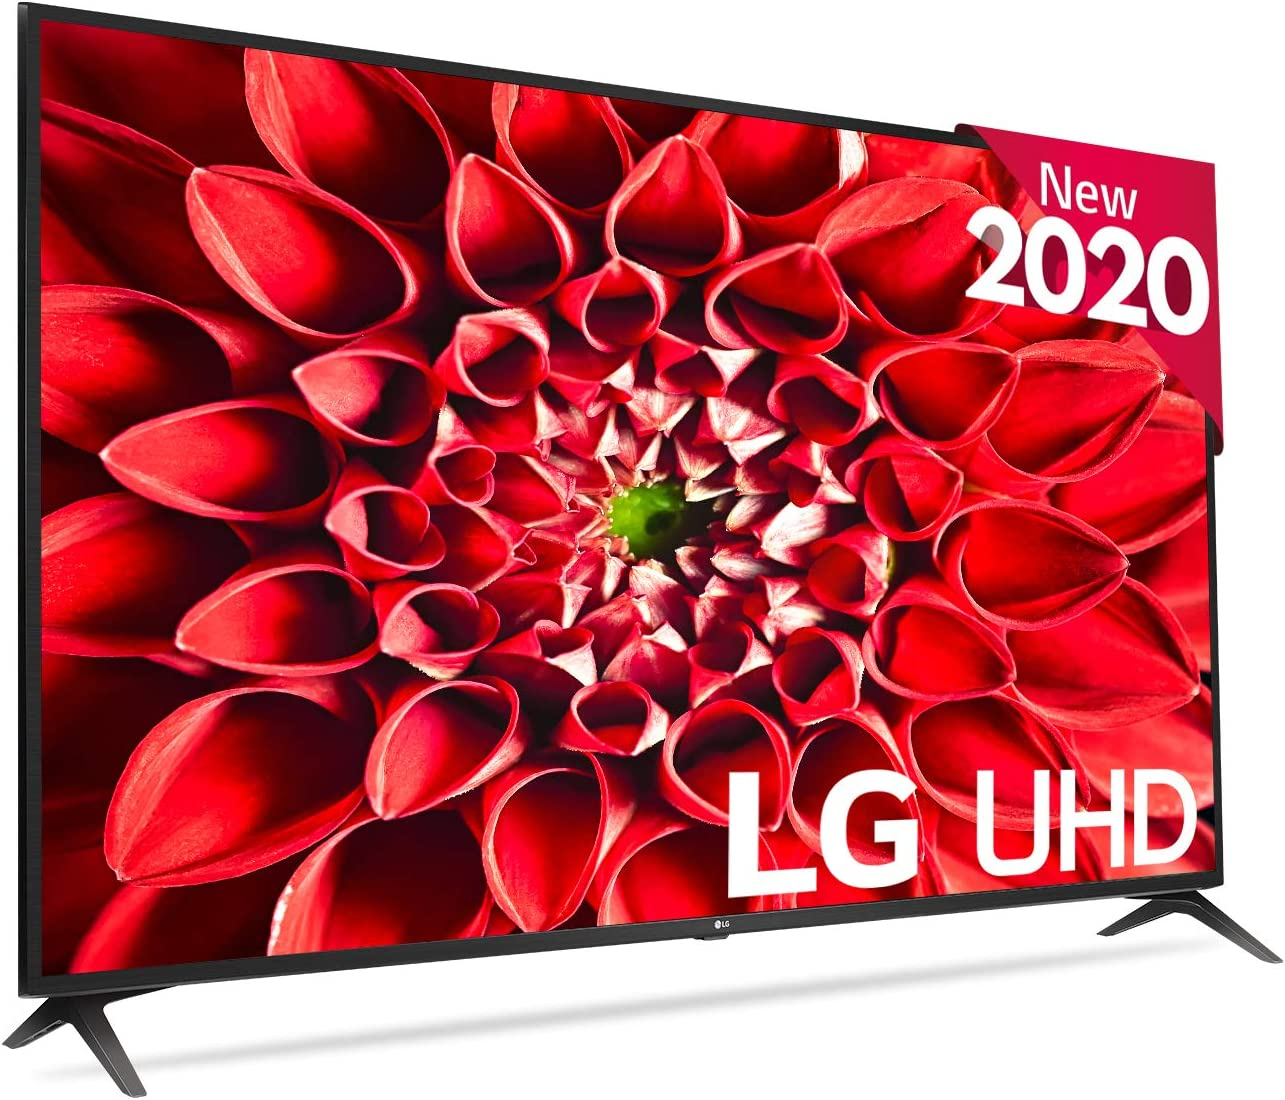 LG 70UN71006LA - Smart TV 4K UHD 177 cm (70